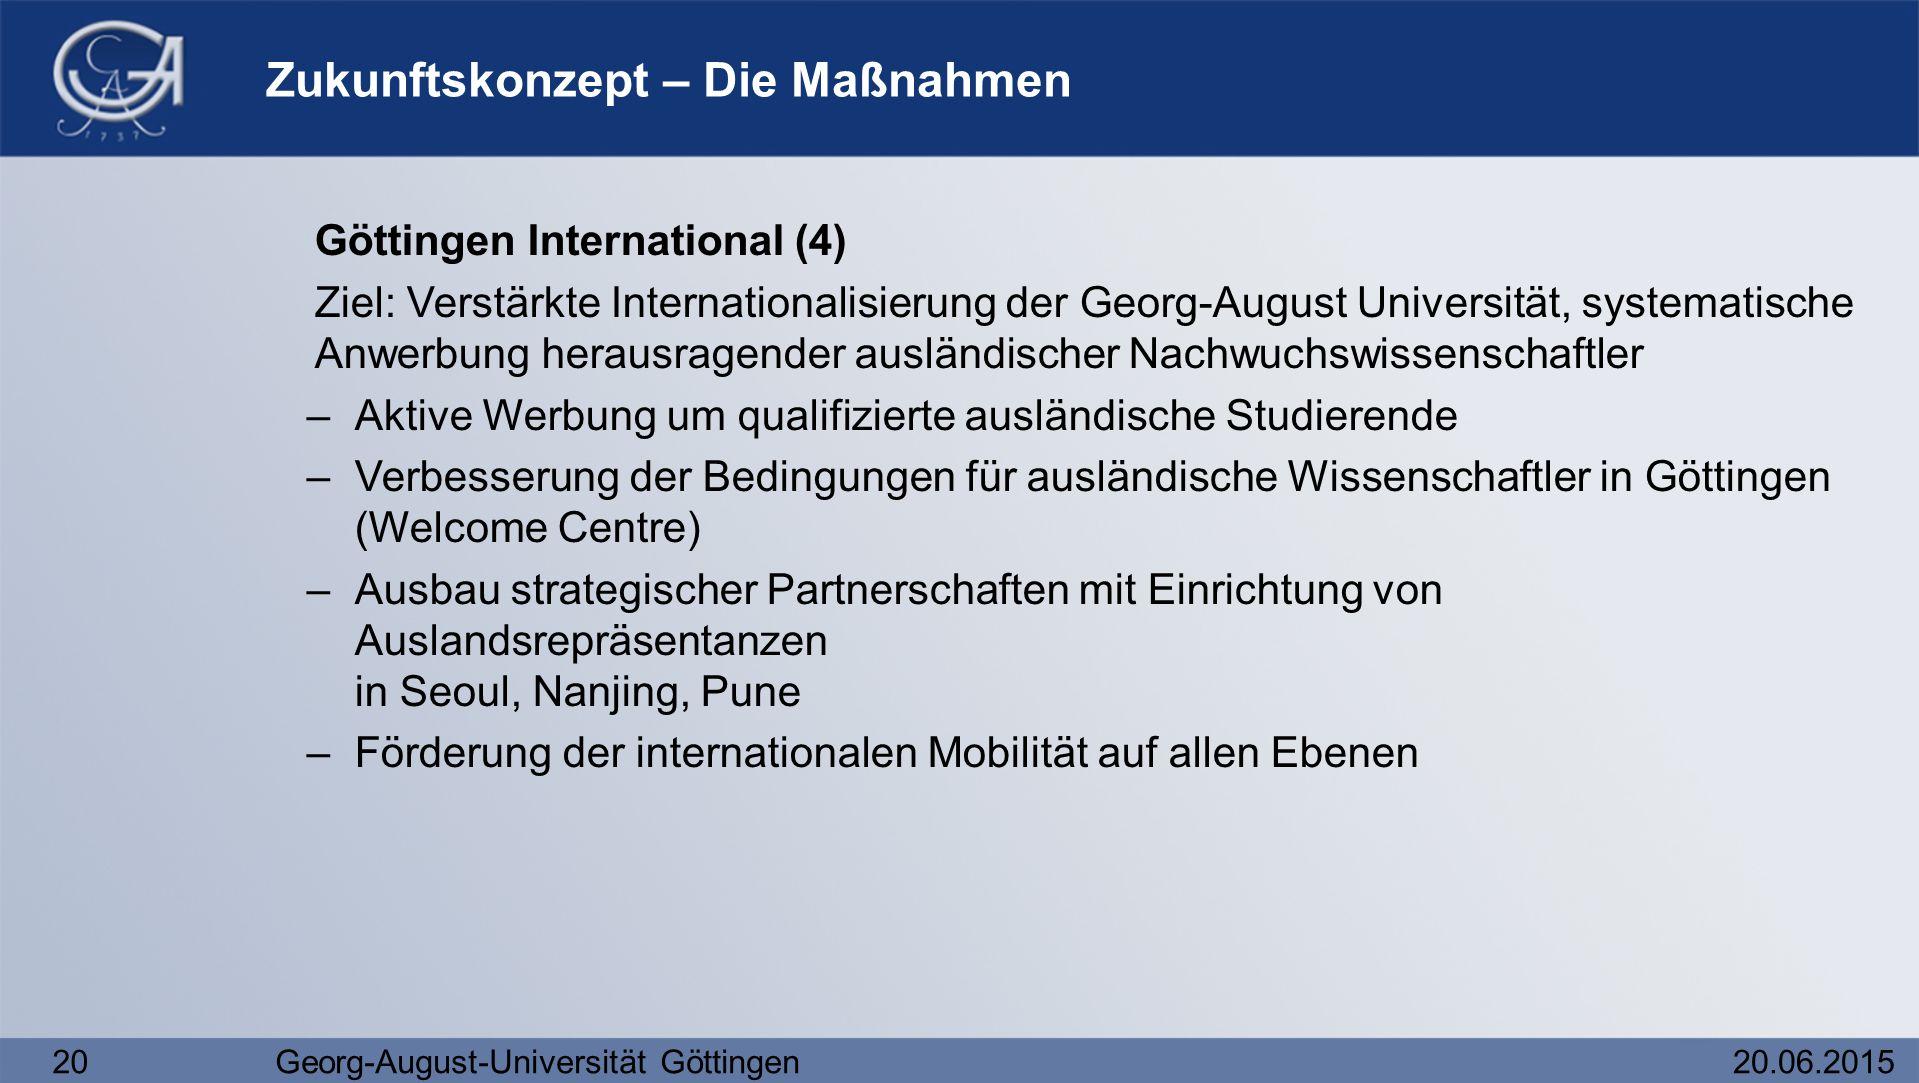 20Georg-August-Universität Göttingen20.06.2015 Zukunftskonzept – Die Maßnahmen Göttingen International (4) Ziel: Verstärkte Internationalisierung der